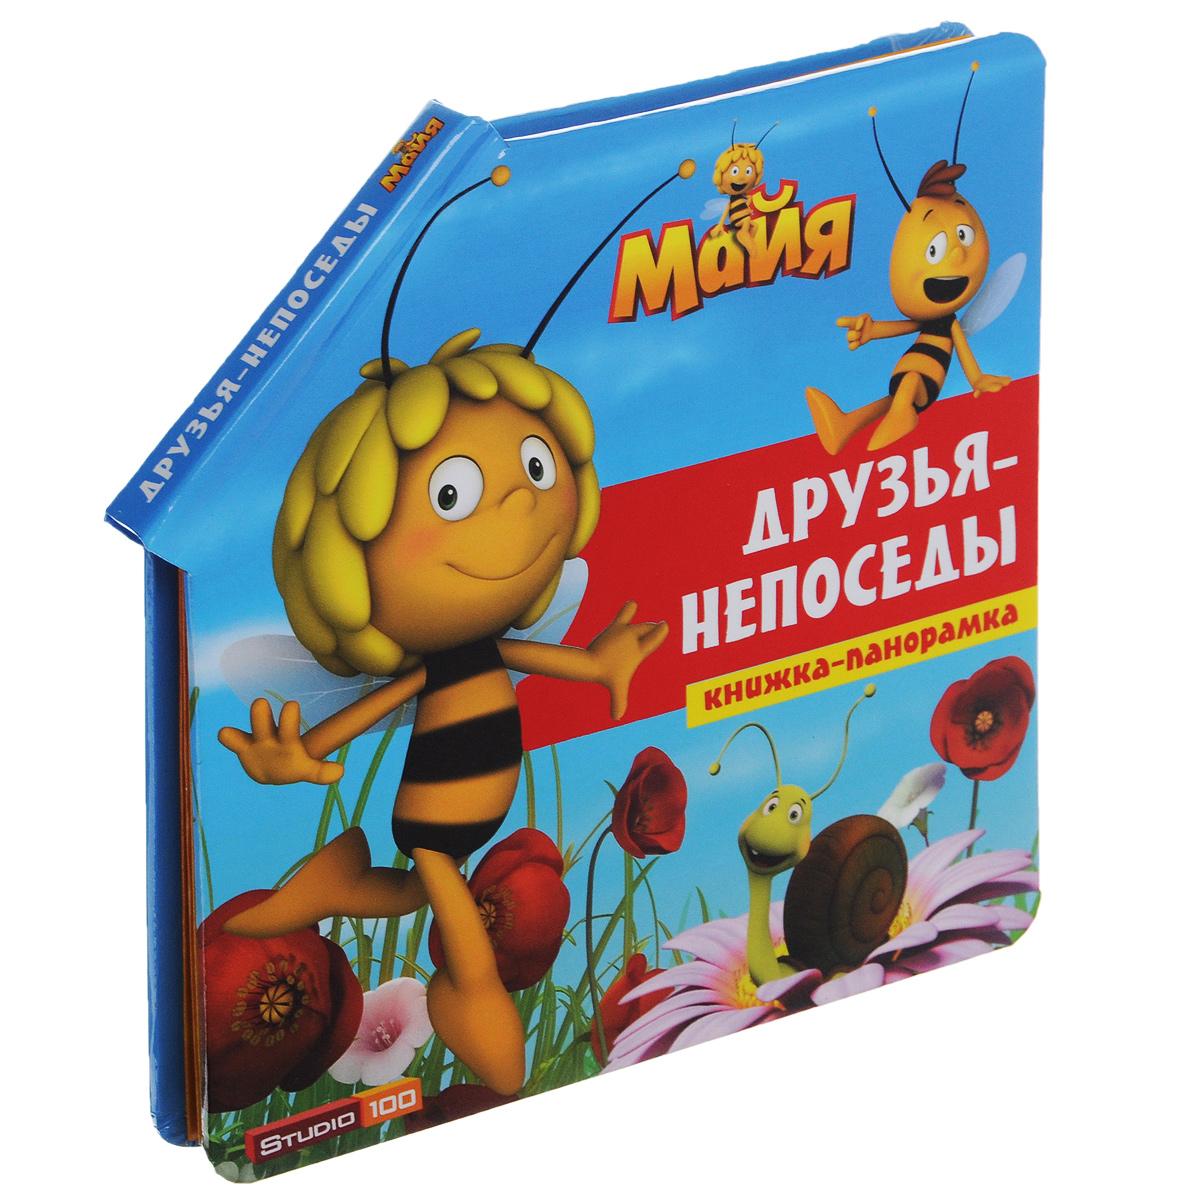 Пчелка Майя. Друзья-непоседы. Книжка-панорамка ( 978-5-9539-9634-1 )